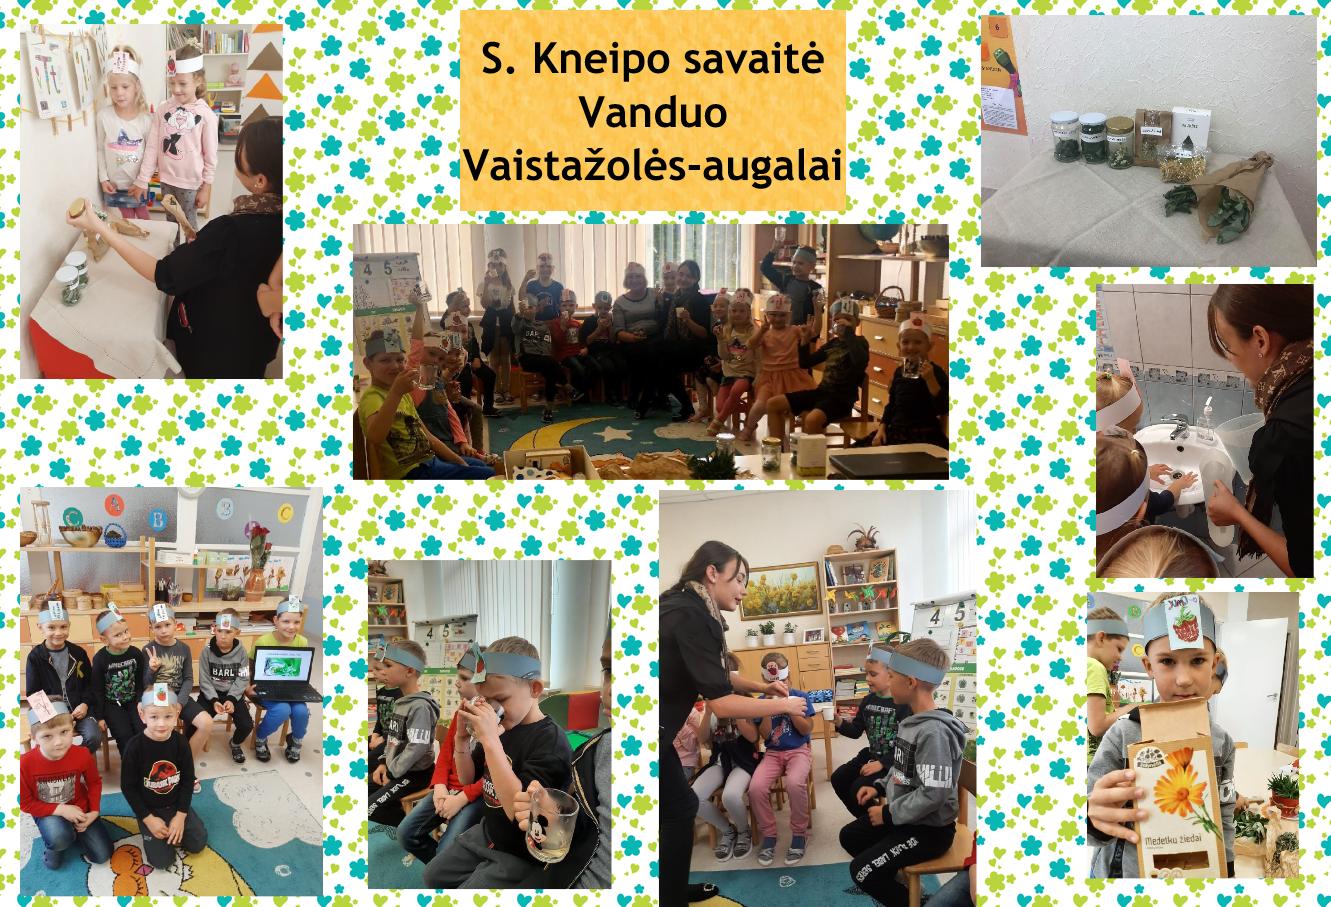 S. Kneipo savaitė Vanduo Vaistažolės-augalai